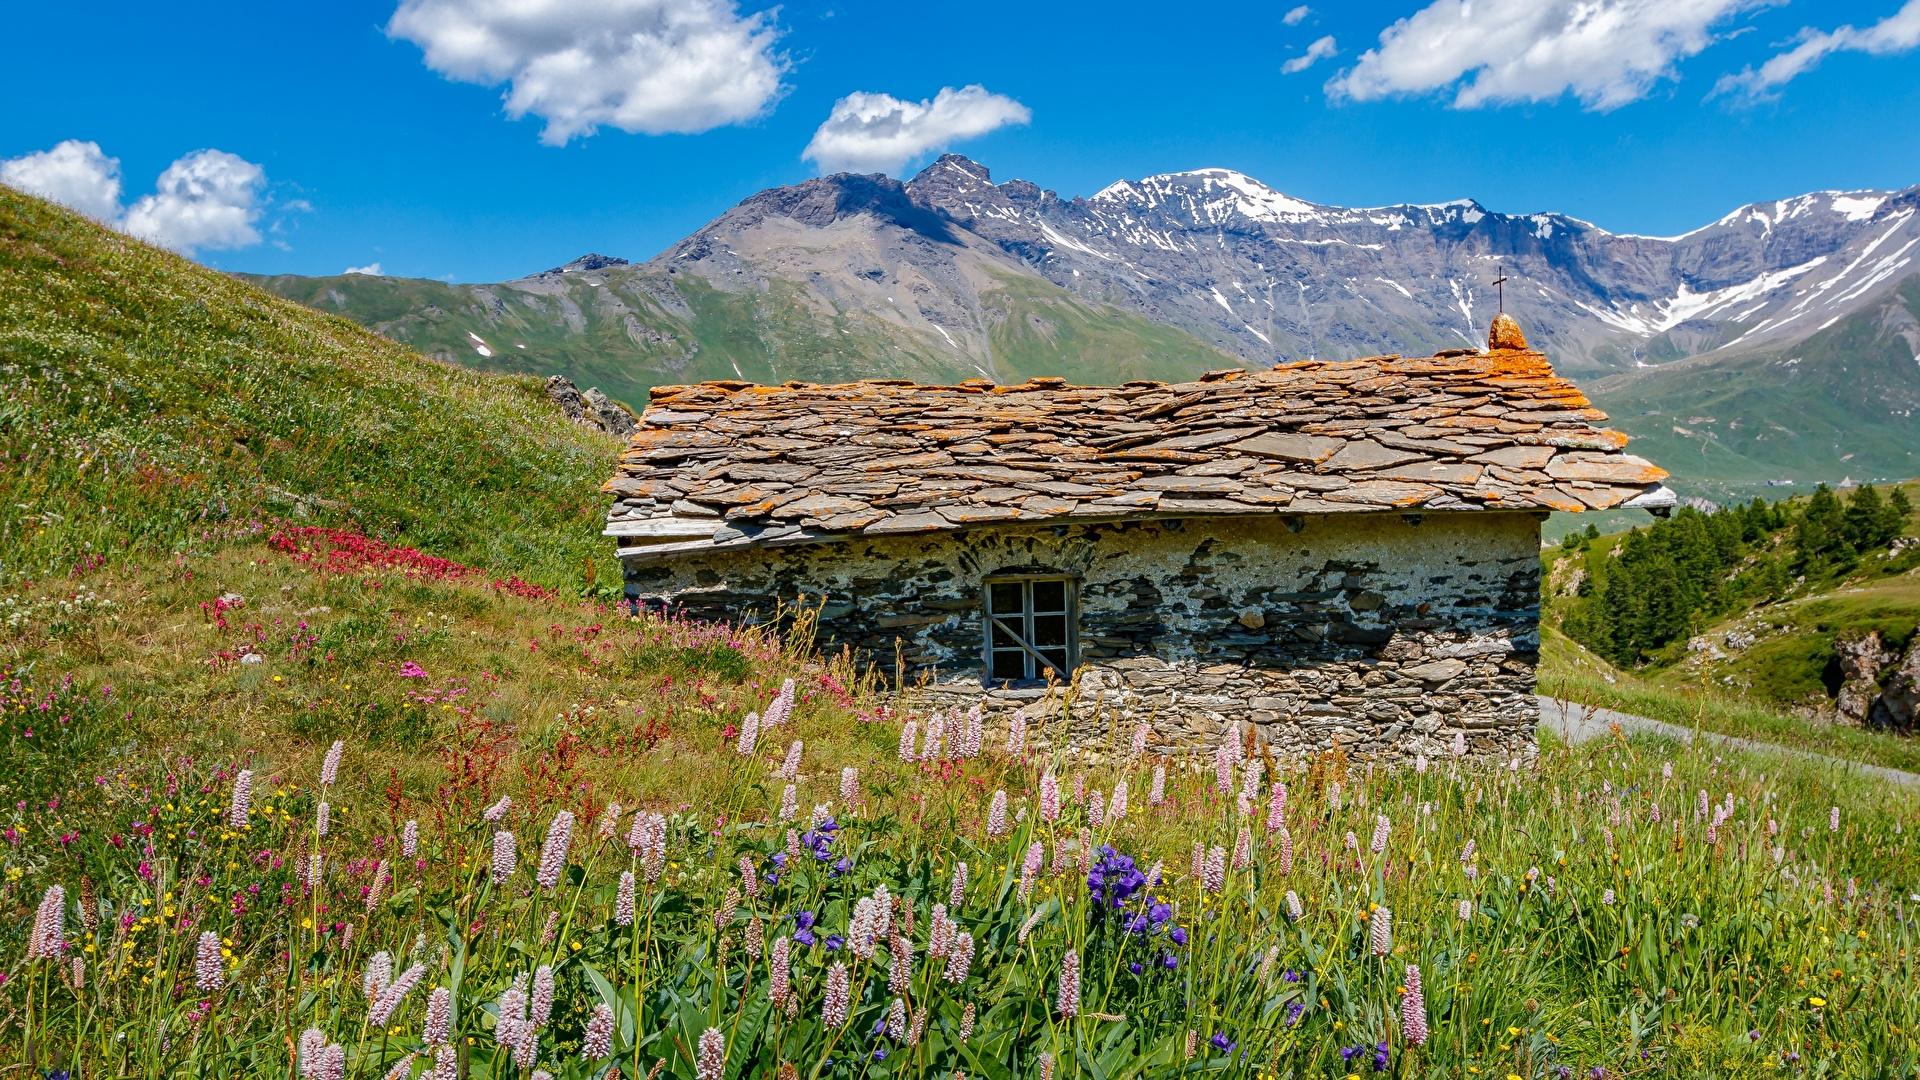 Fonds D Ecran 1920x1080 Montagnes France Maison Mont Cenis Savoie Alpes Herbe Fait De Pierre Nature Telecharger Photo